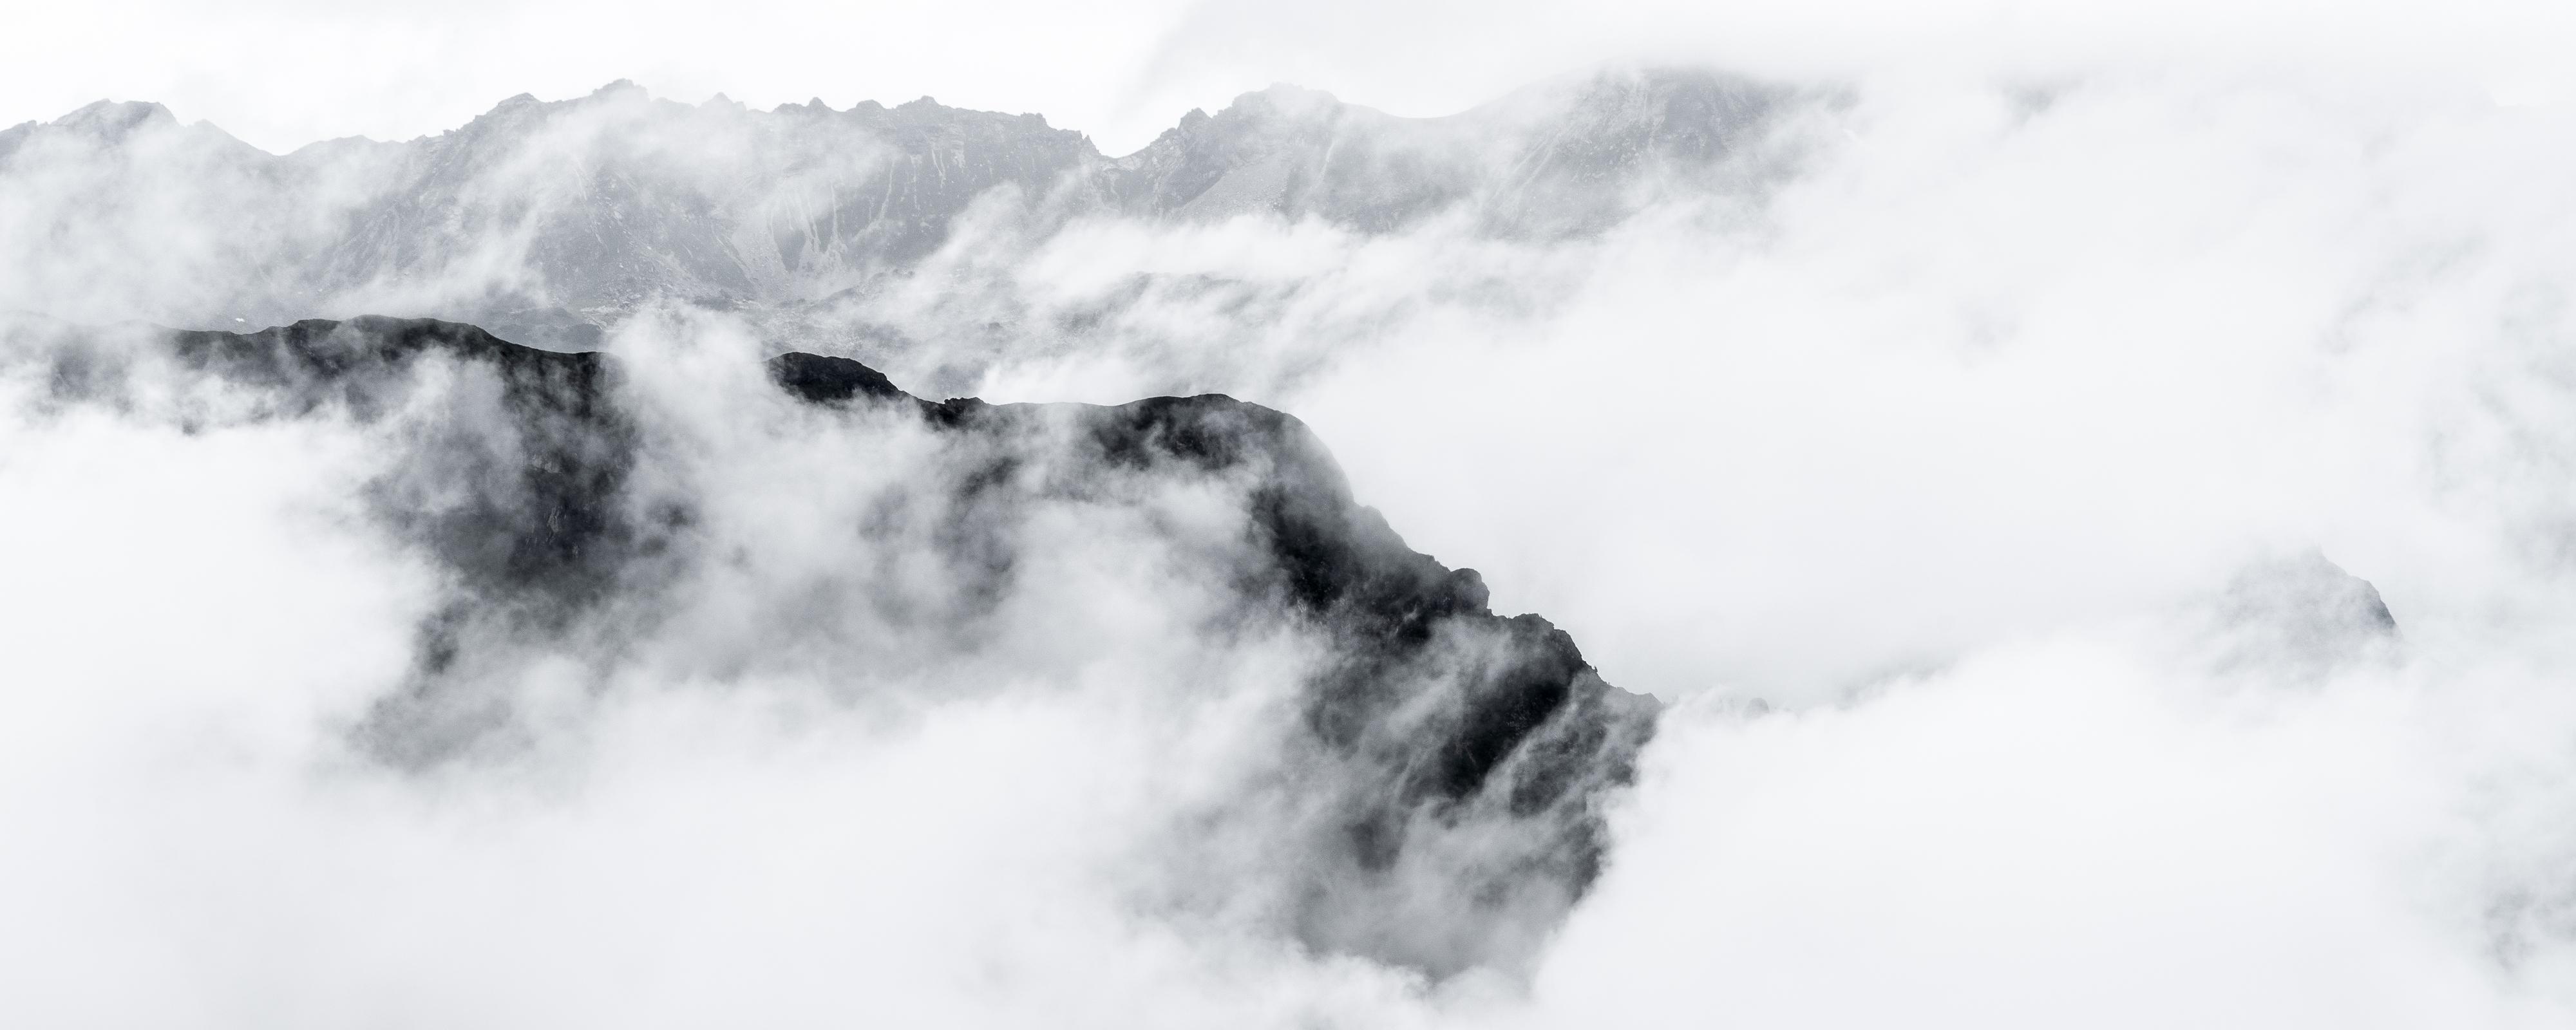 allgaeu alps